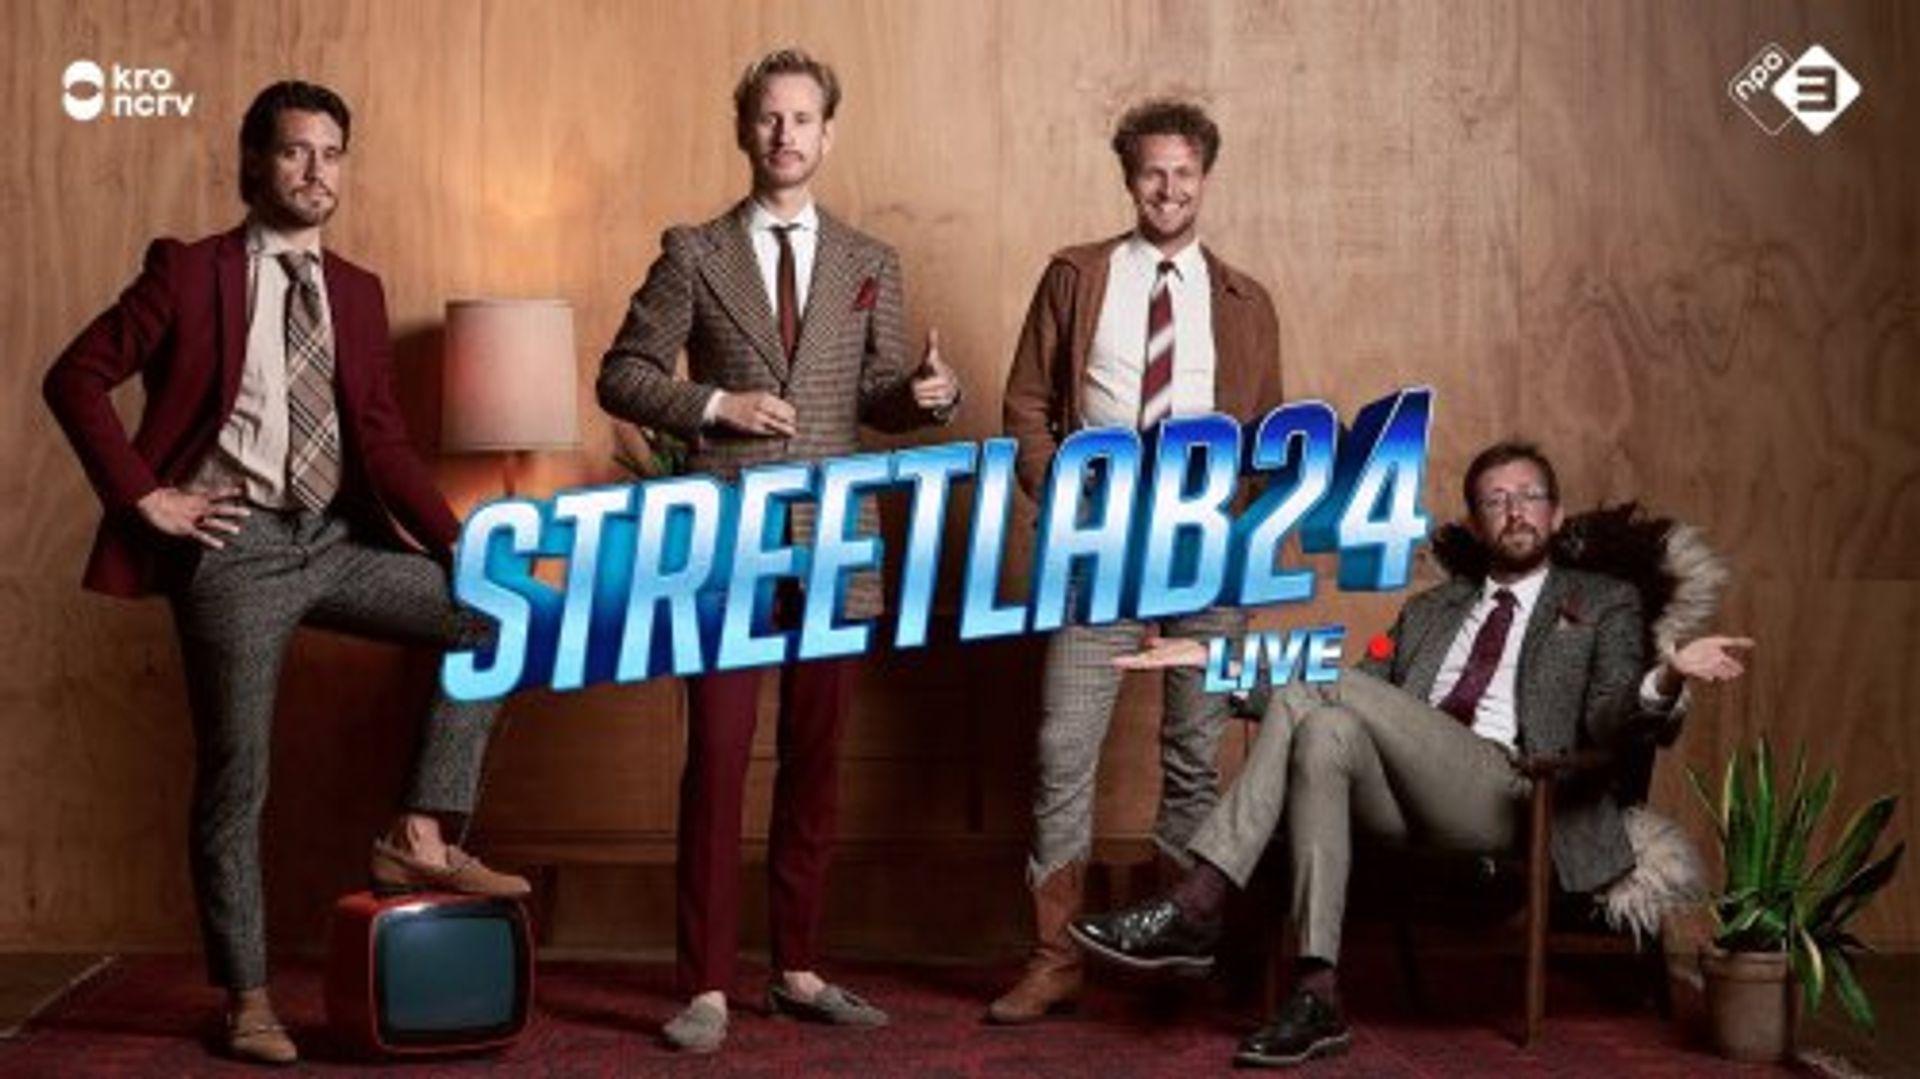 Tim Senders vertelt over de speciale 24-uurs uitzending van Streetlab!